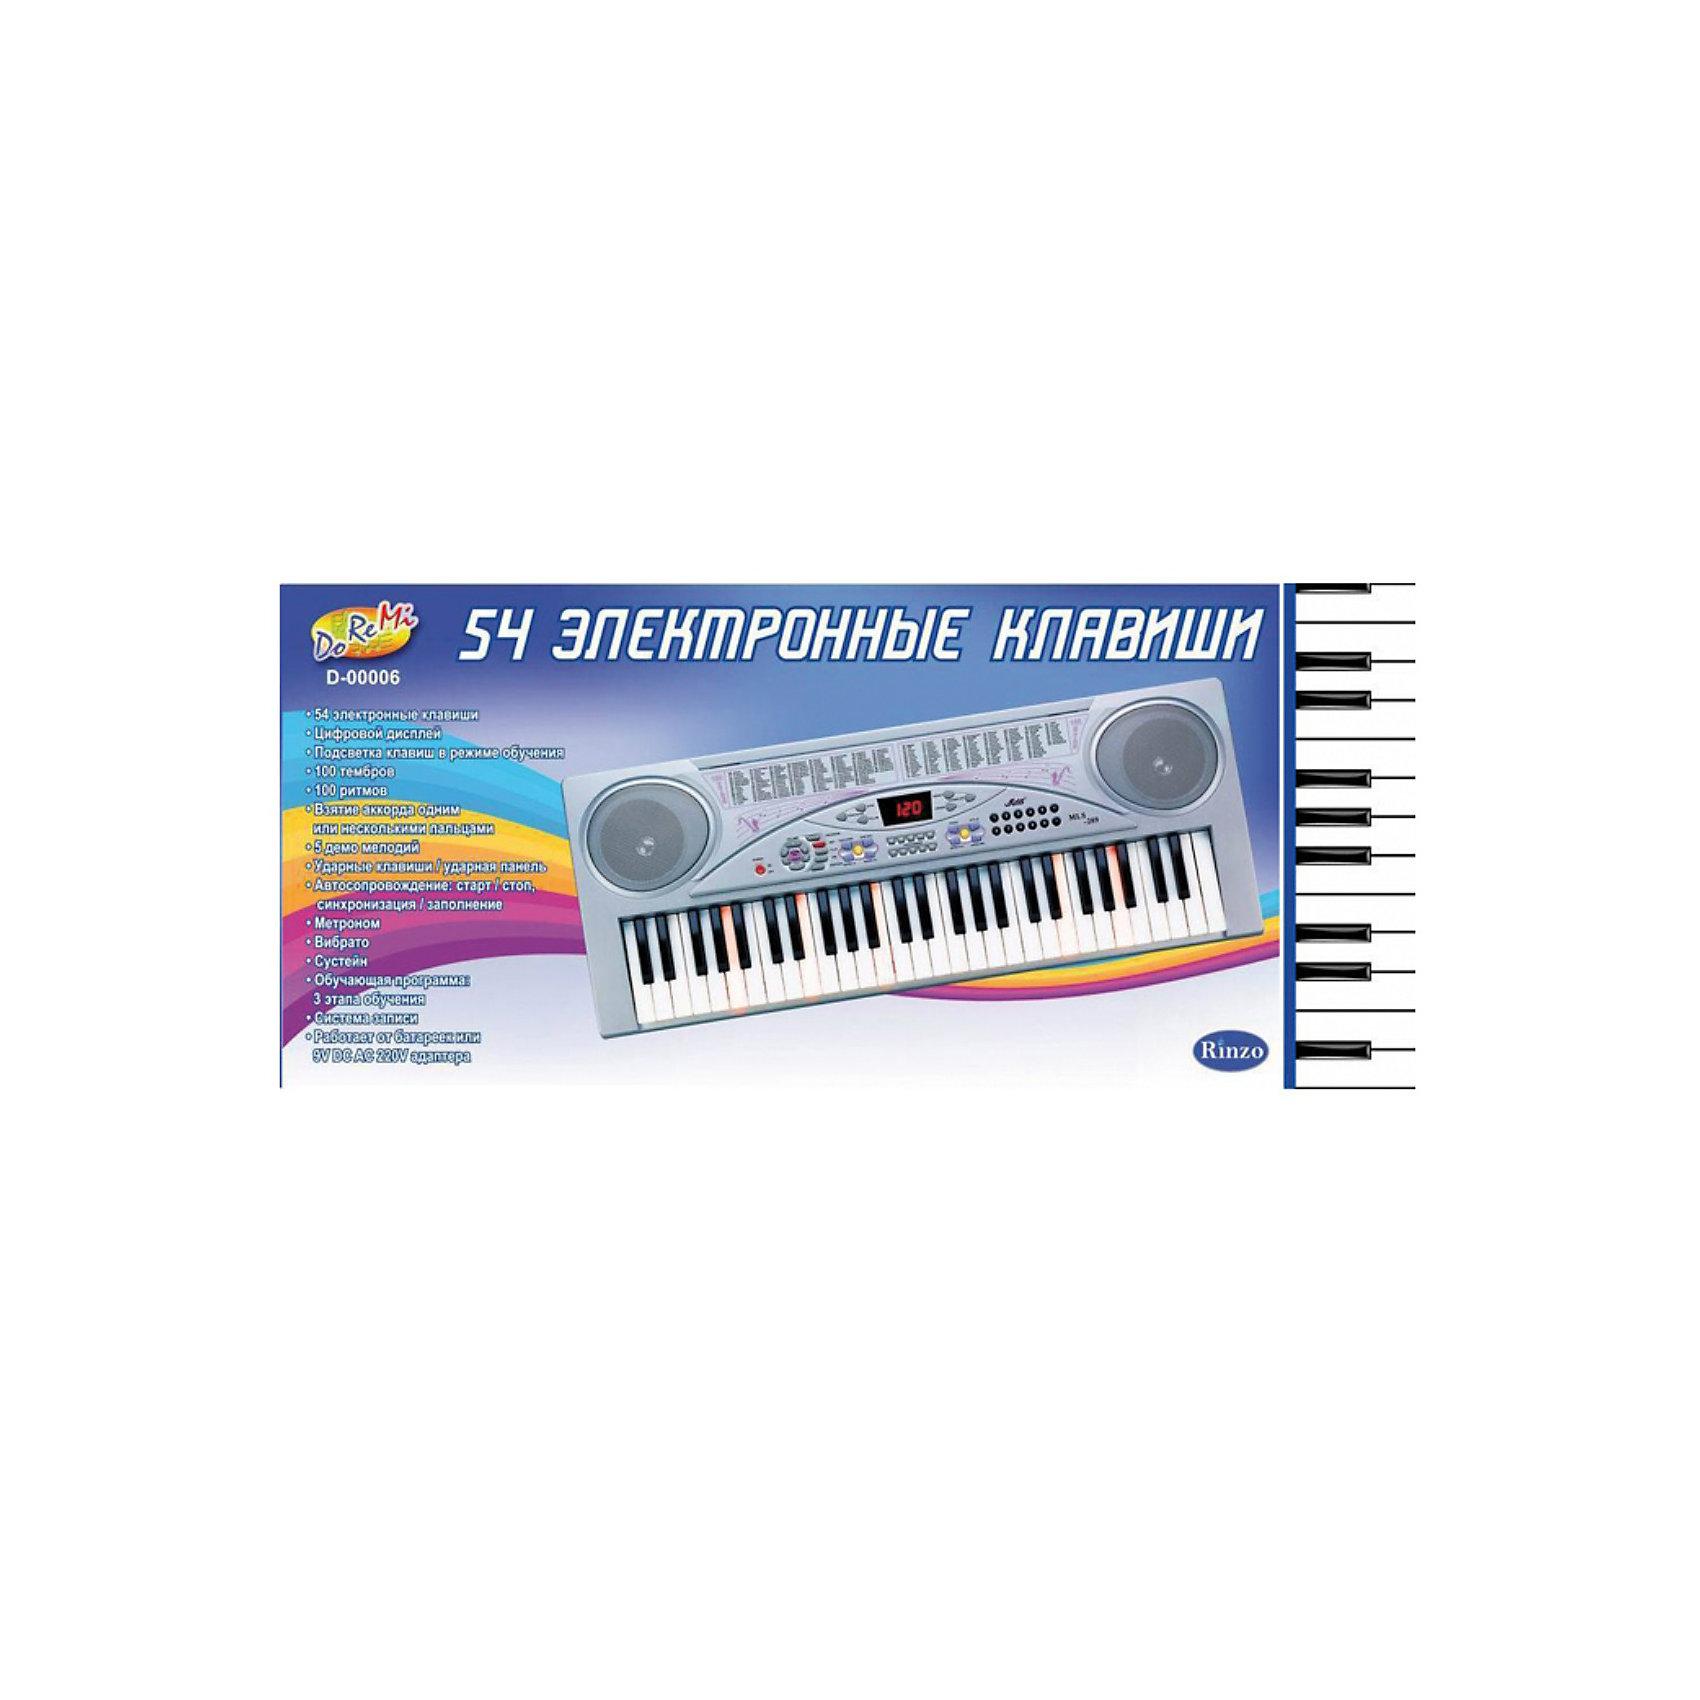 DoReMi Синтезатор с микрофоном, 54 клавишиDoReMi Синтезатор с микрофоном, 54 клавиши  -  синтезатор со множеством функций и возможностей для исполнения любимых музыкальных произведений.<br><br>Особенности модели:<br><br>- 54 эллектронные клавиши<br>- 6 демо песен<br>-16 тональностей, 16 ритмов<br>- Программировние ритма, запись и воспроизведение<br>- 8 Ударных режимов<br>- Контроль громкости<br><br>Дополнительная информация:<br><br>- Работа: от 4 батареек типа АА (не входят в комплект) или DC6V адаптора (входит в комплект)<br>- Размеры, ДхШхВ:  86х12х38 см.<br>- Вес: 4,674 кг.<br><br>Ширина мм: 860<br>Глубина мм: 120<br>Высота мм: 380<br>Вес г: 4674<br>Возраст от месяцев: 60<br>Возраст до месяцев: 1188<br>Пол: Унисекс<br>Возраст: Детский<br>SKU: 2557192